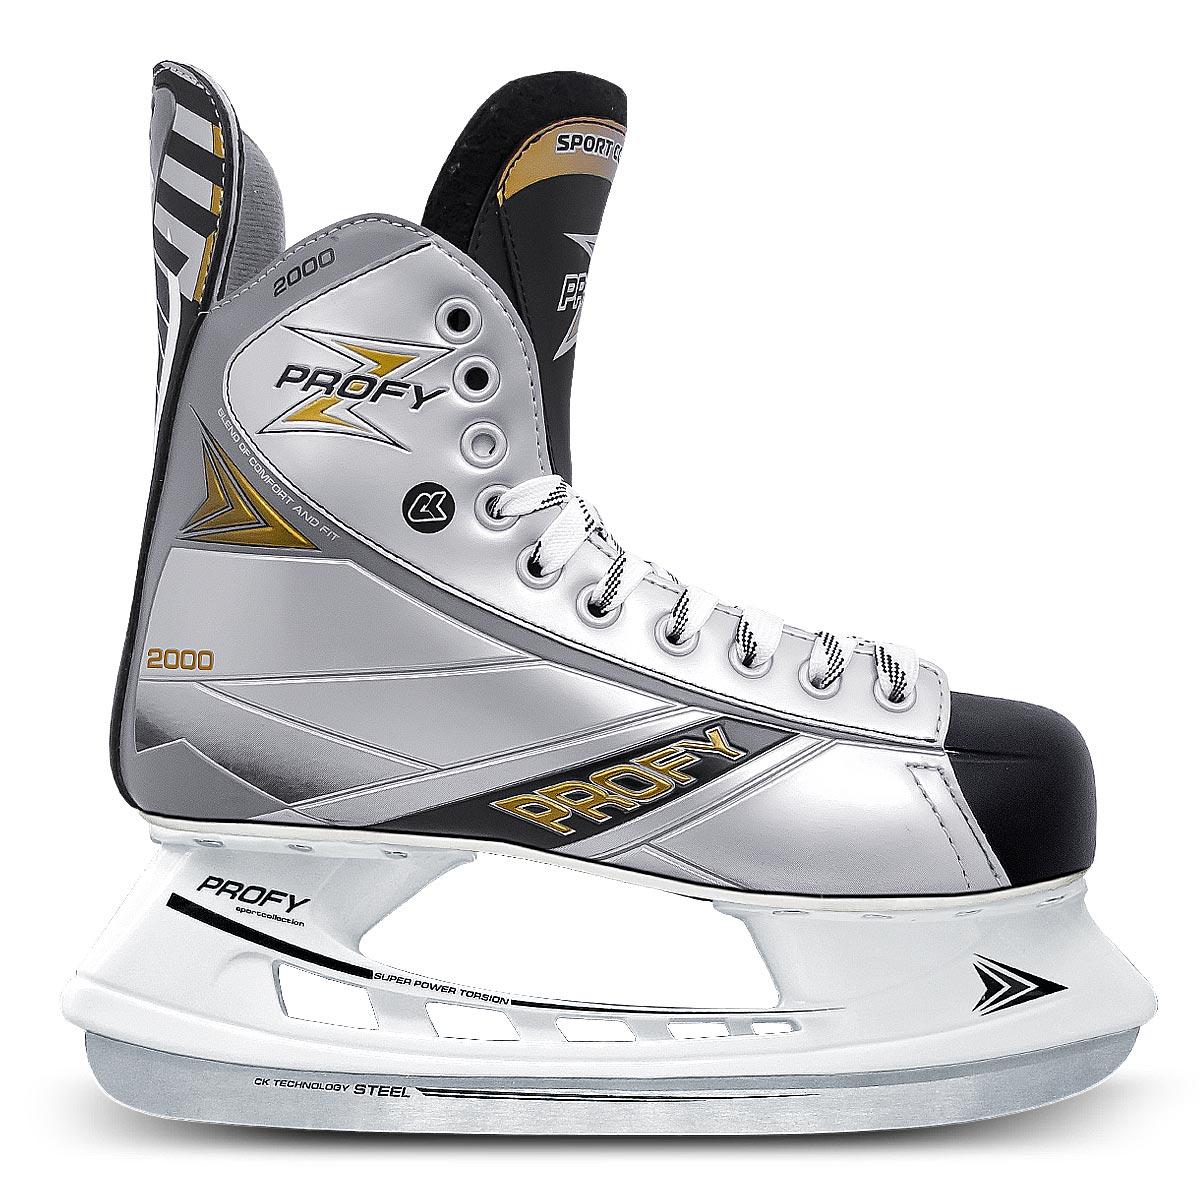 Коньки хоккейные мужские СК Profy Z 2000, цвет: черный, серый. Размер 42